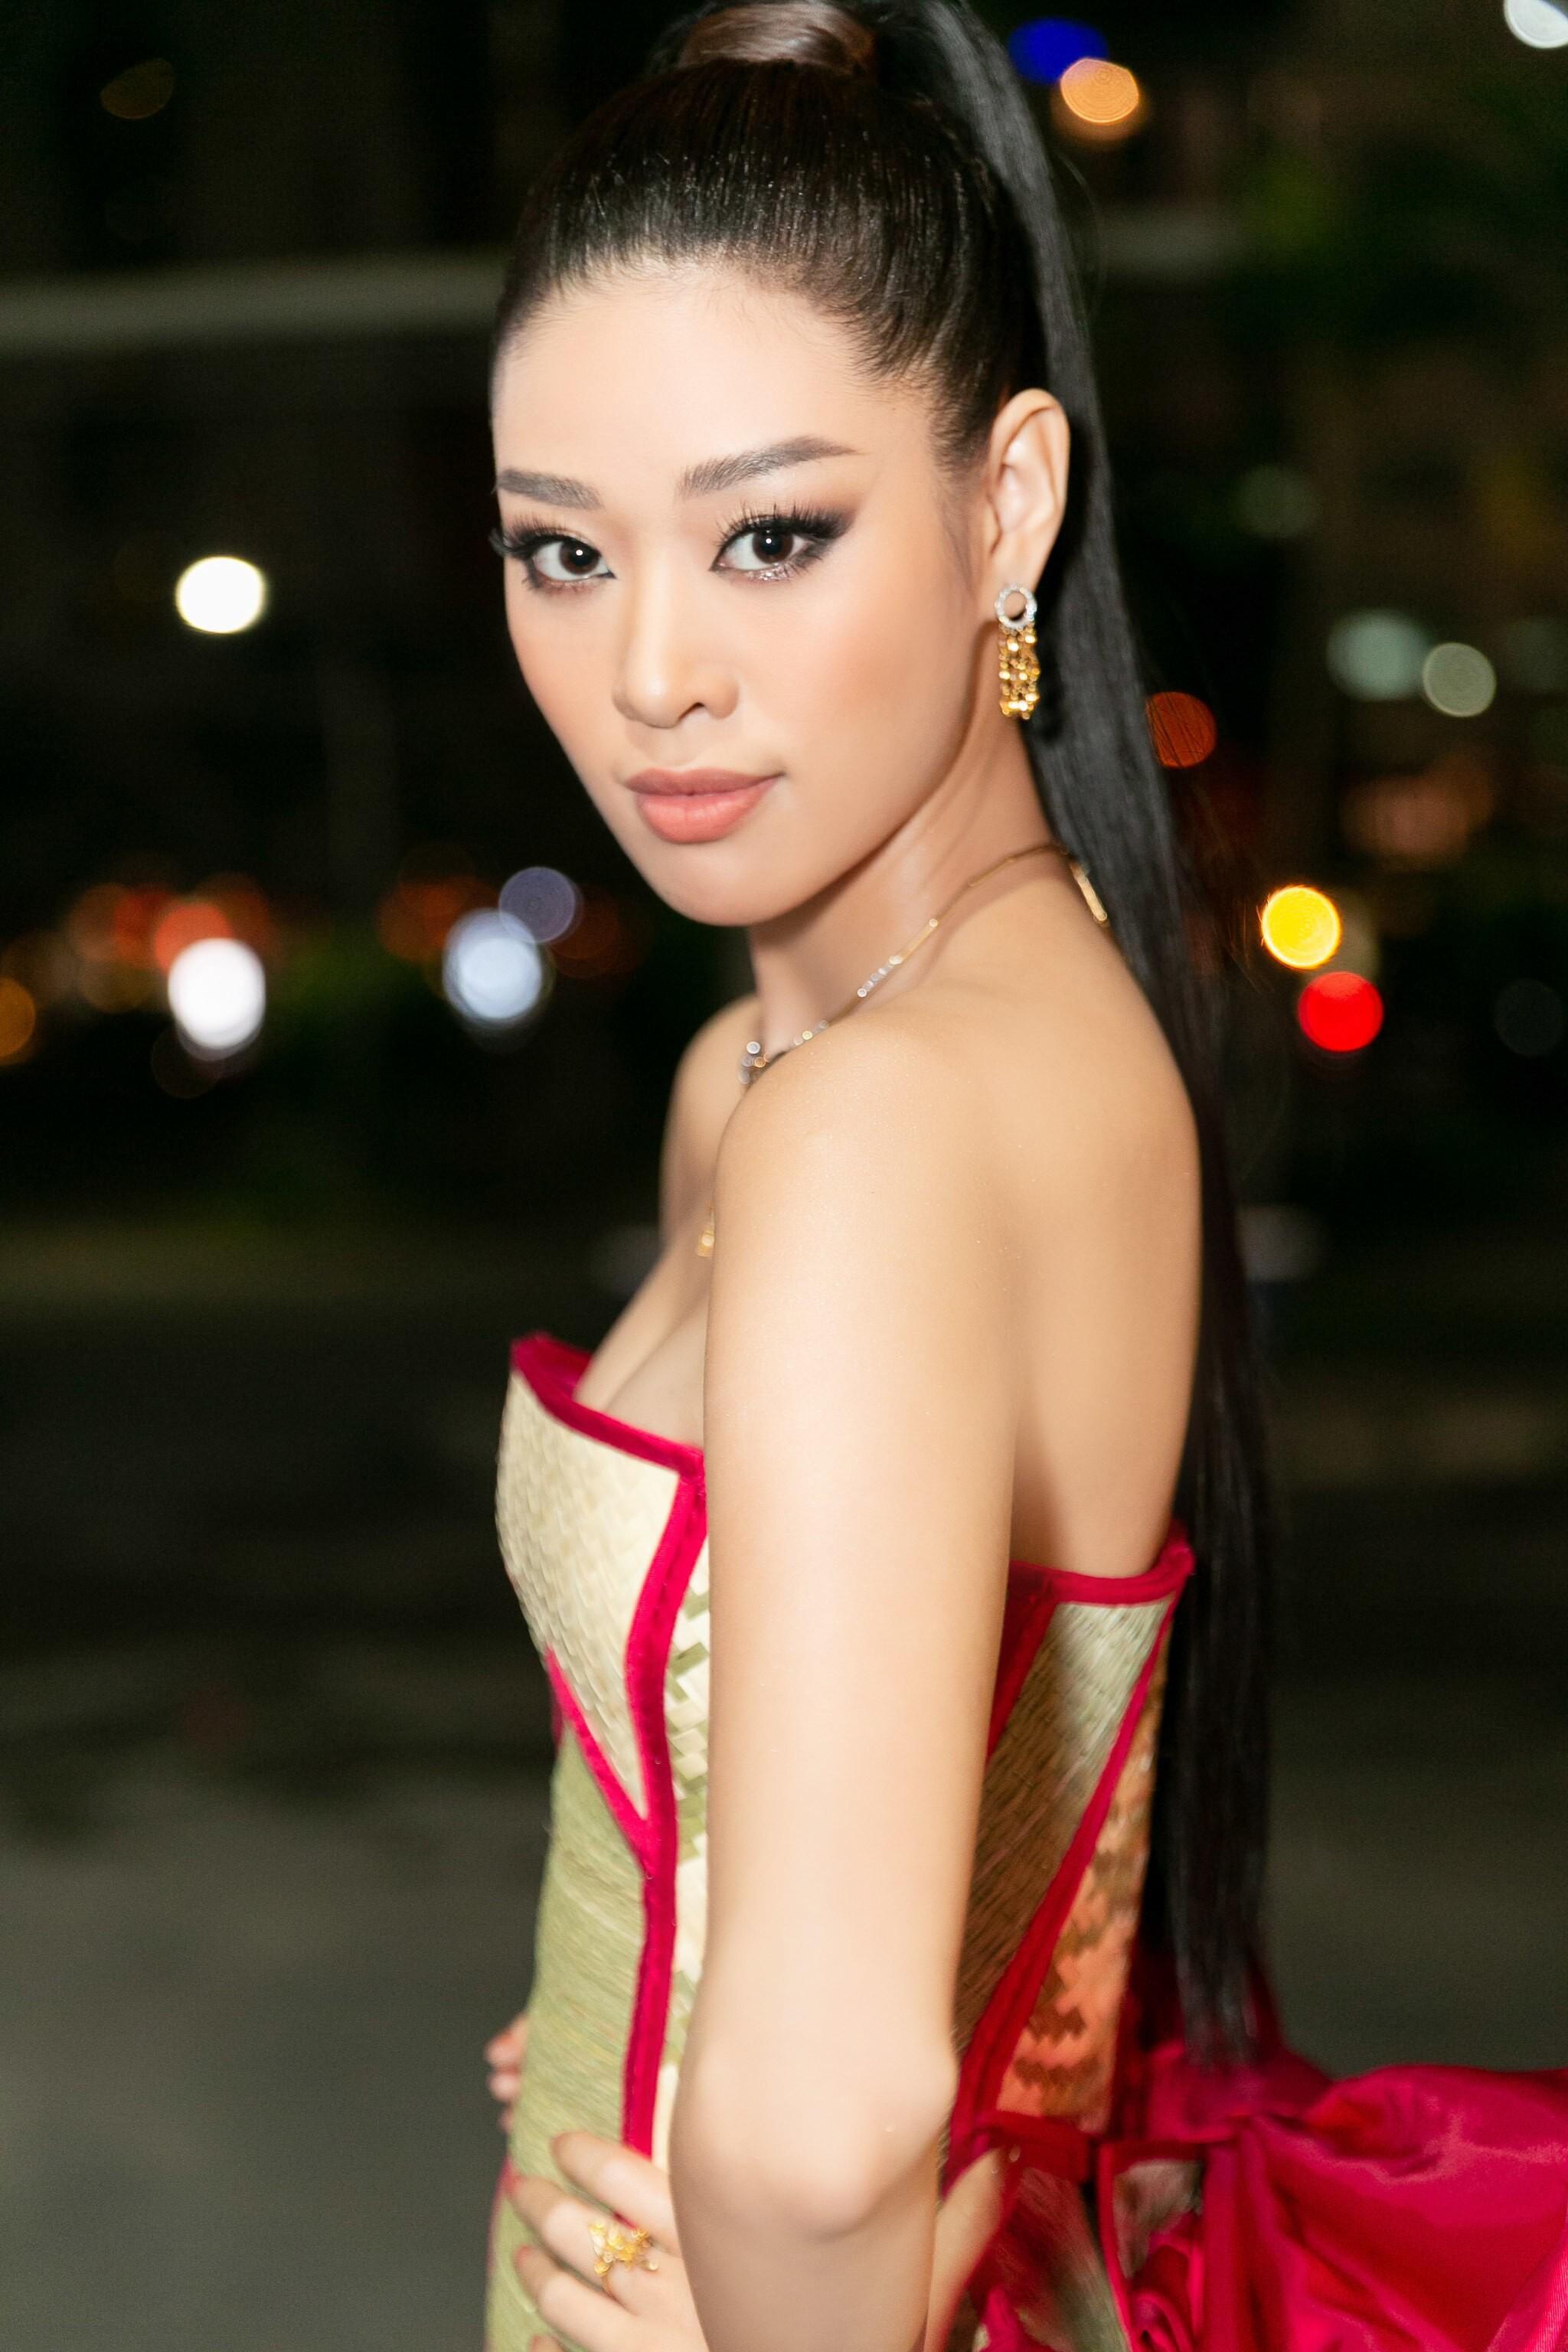 Hoa hậu Khánh Vân mang cả 'làng chiếu cói' lên thảm đỏ Ảnh 11